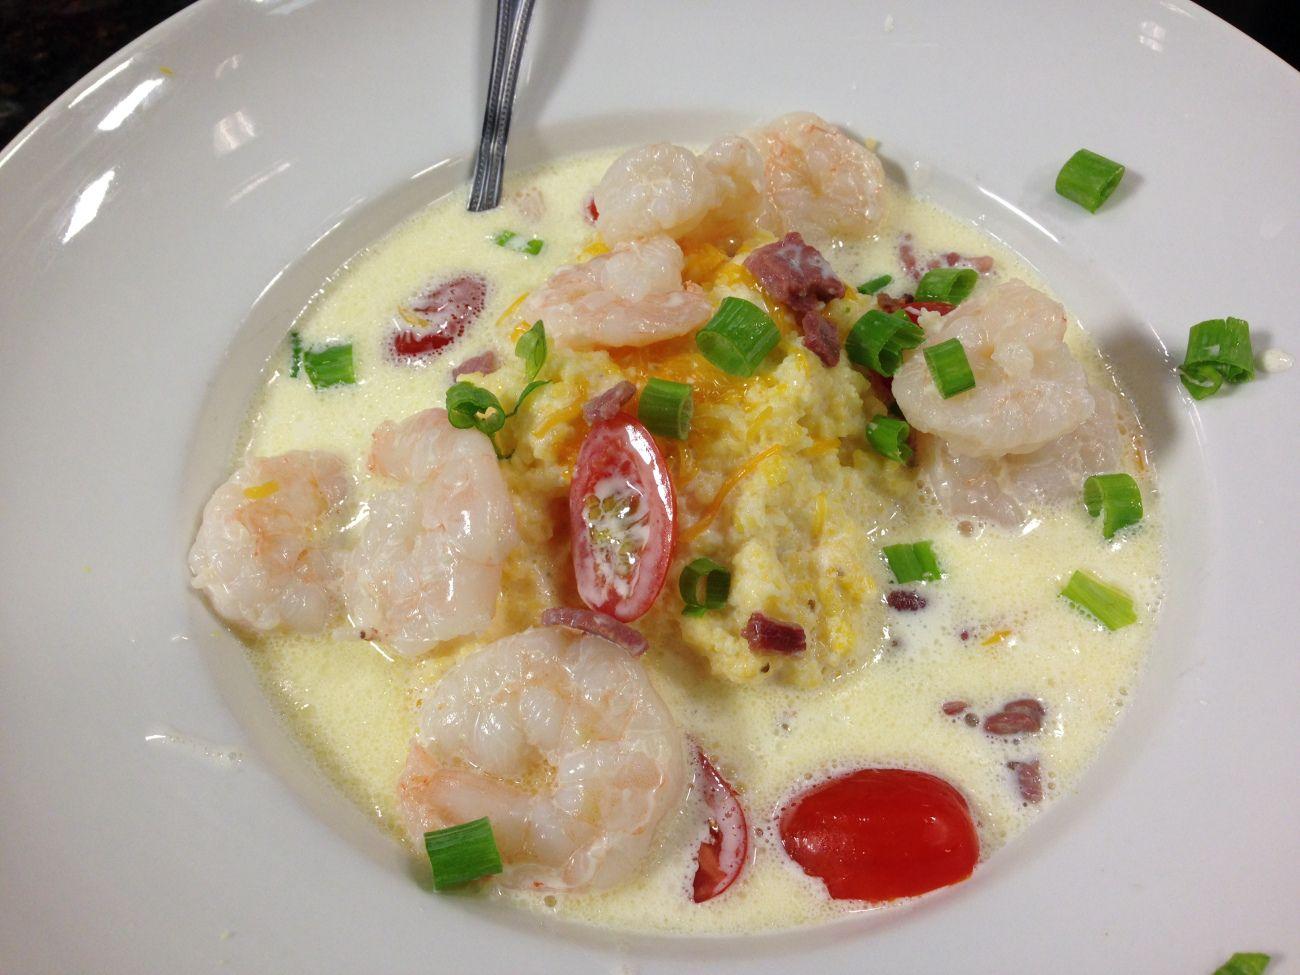 Flying Fish S Shrimp And Grits Prepare Shrimp Shrimp N Grits Food